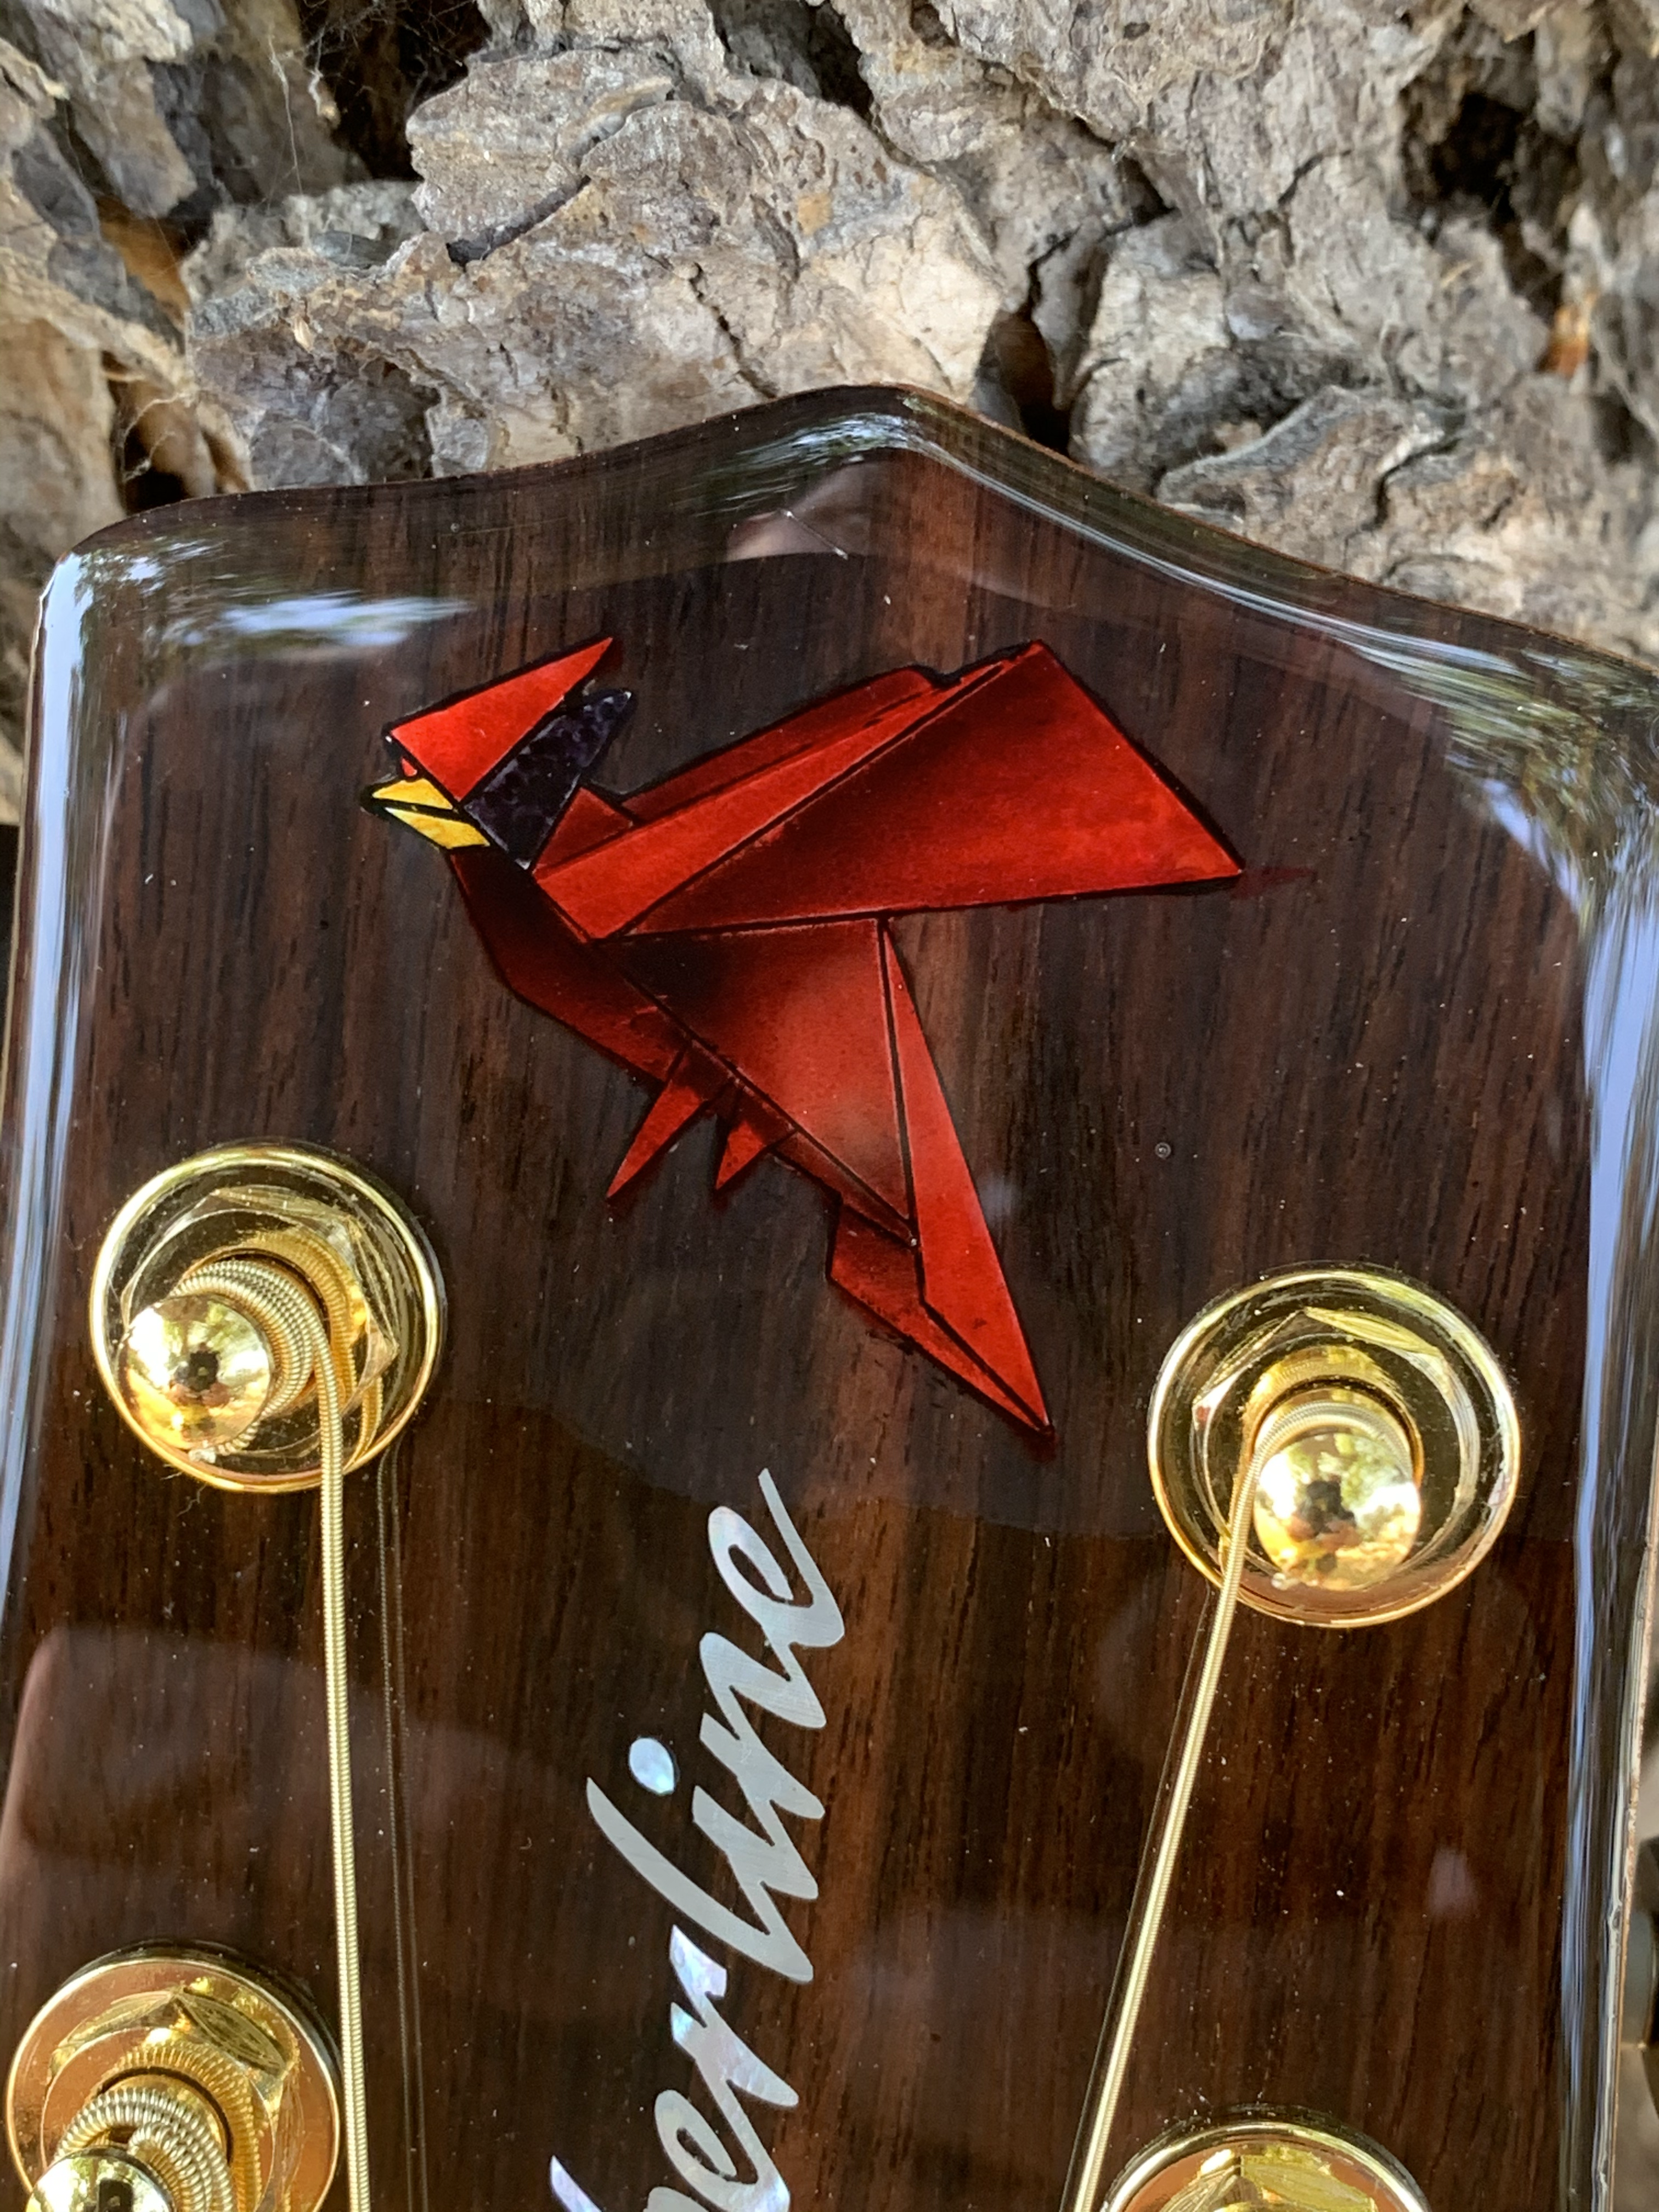 Oragami Cardinal